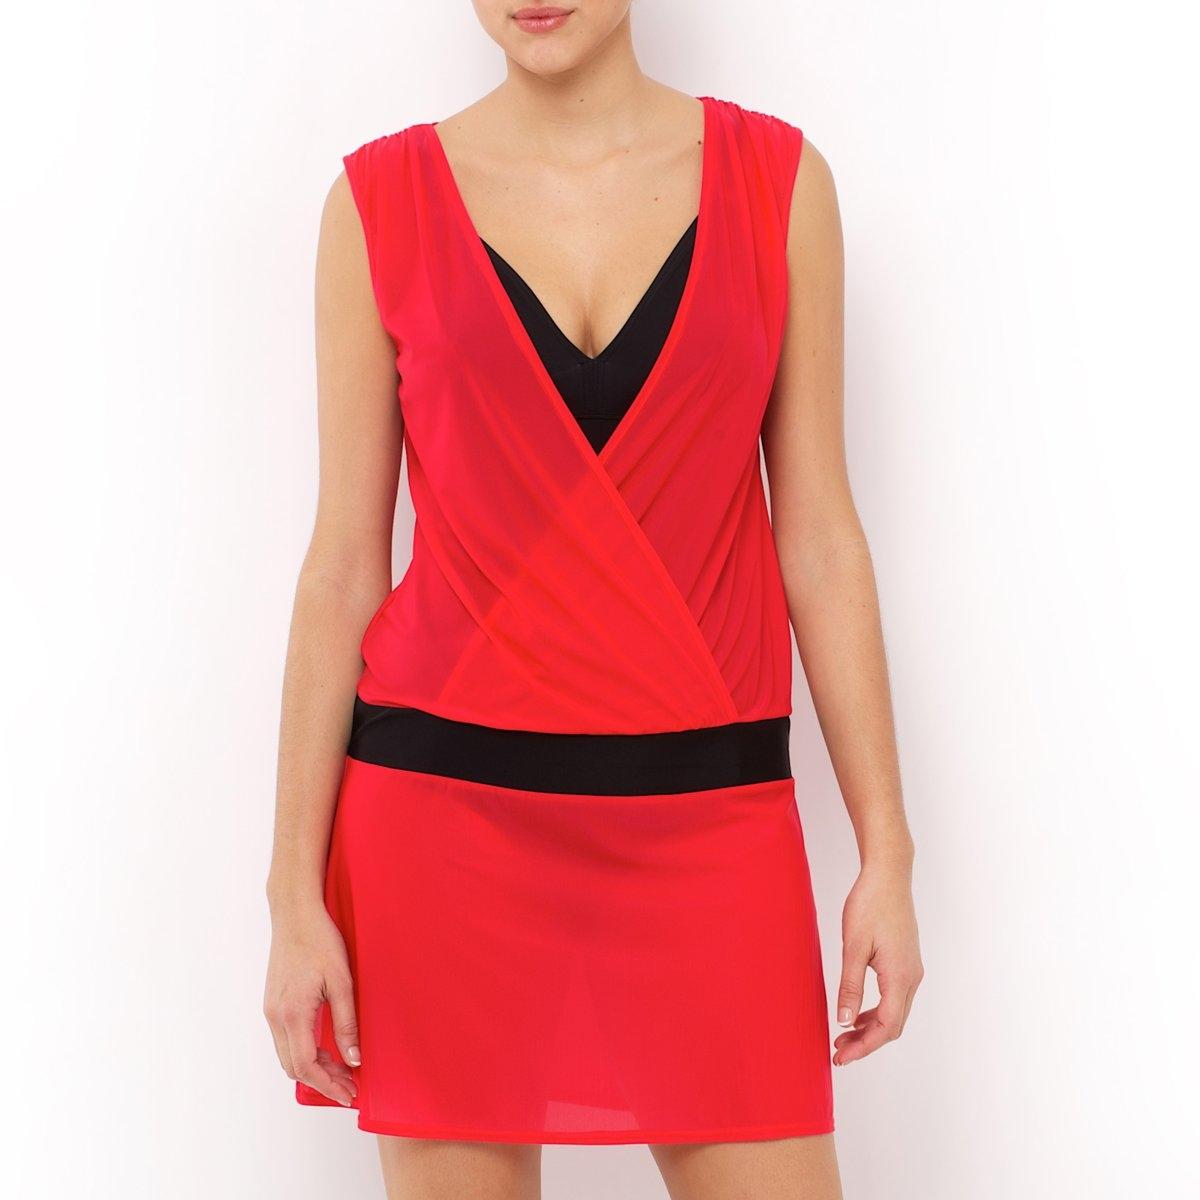 Платье пляжноеПляжное платье. Соблазнительное платье с глубоким декольте! Без рукавов. Эластичная вставка на заниженной талии. Трикотаж, 90% полиамида, 10% эластана. Длина 94 см.<br><br>Цвет: фуксия/черный